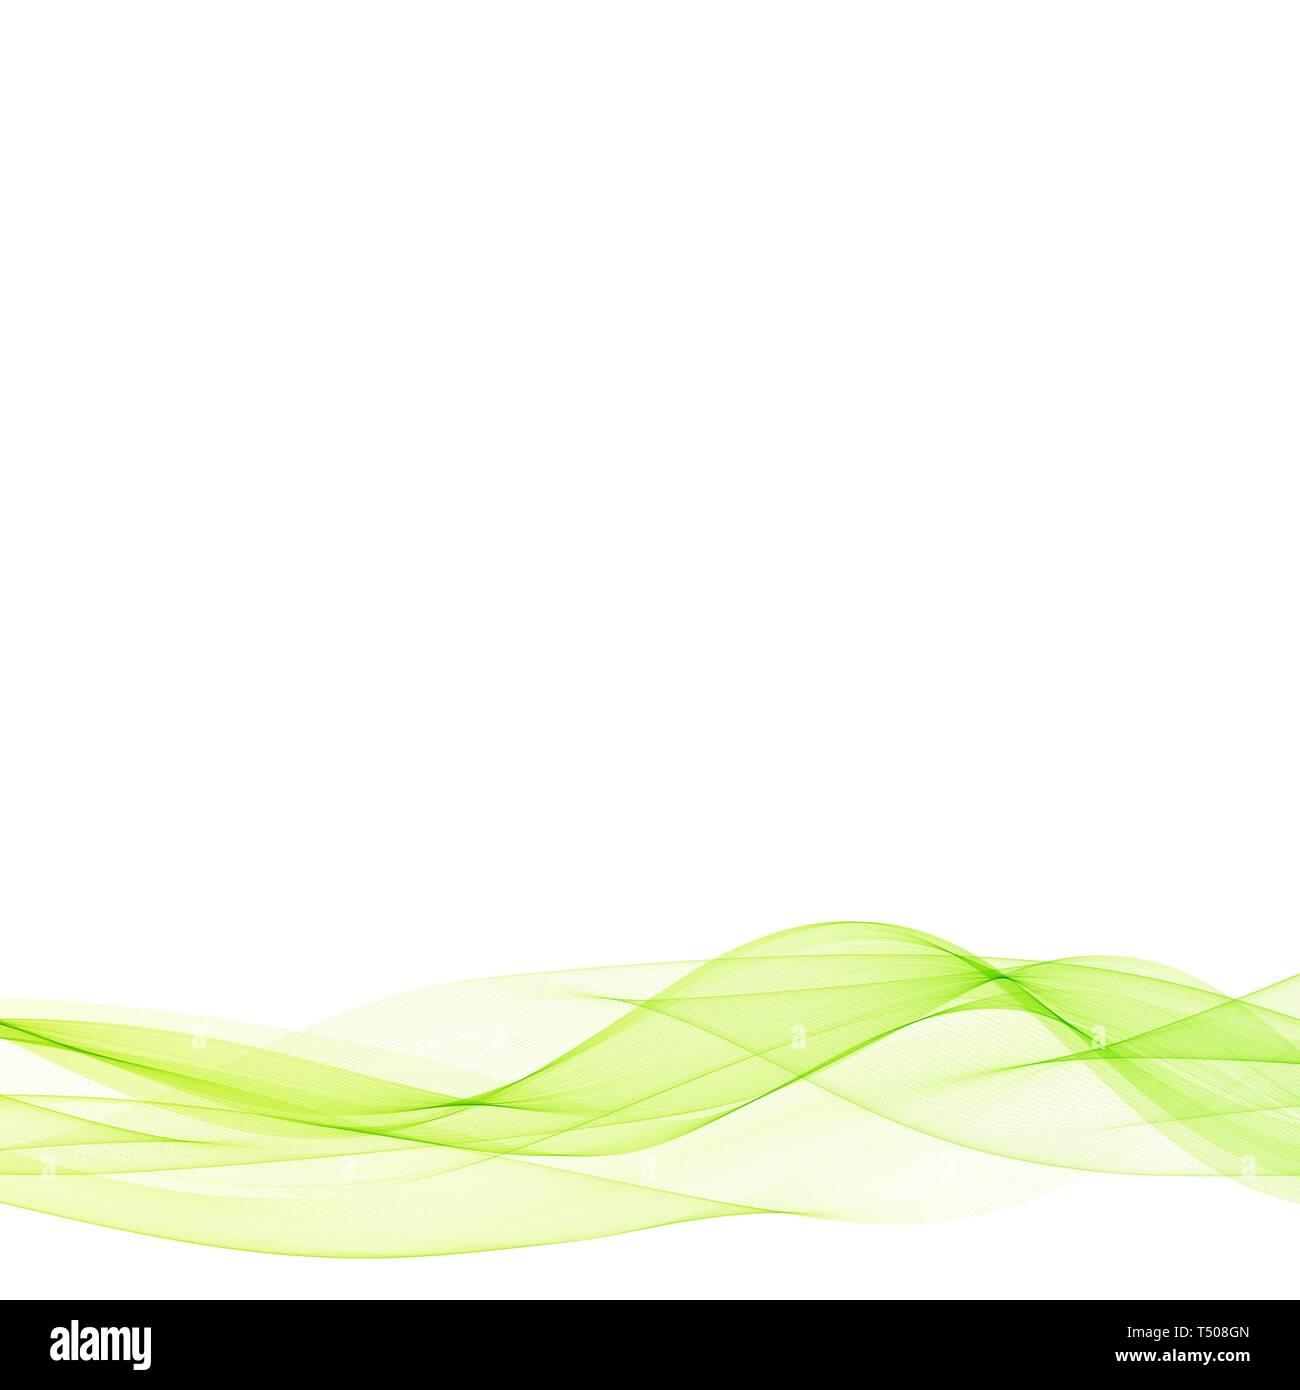 Vektor abstrakte grüne Wellen eps 10. Stockbild